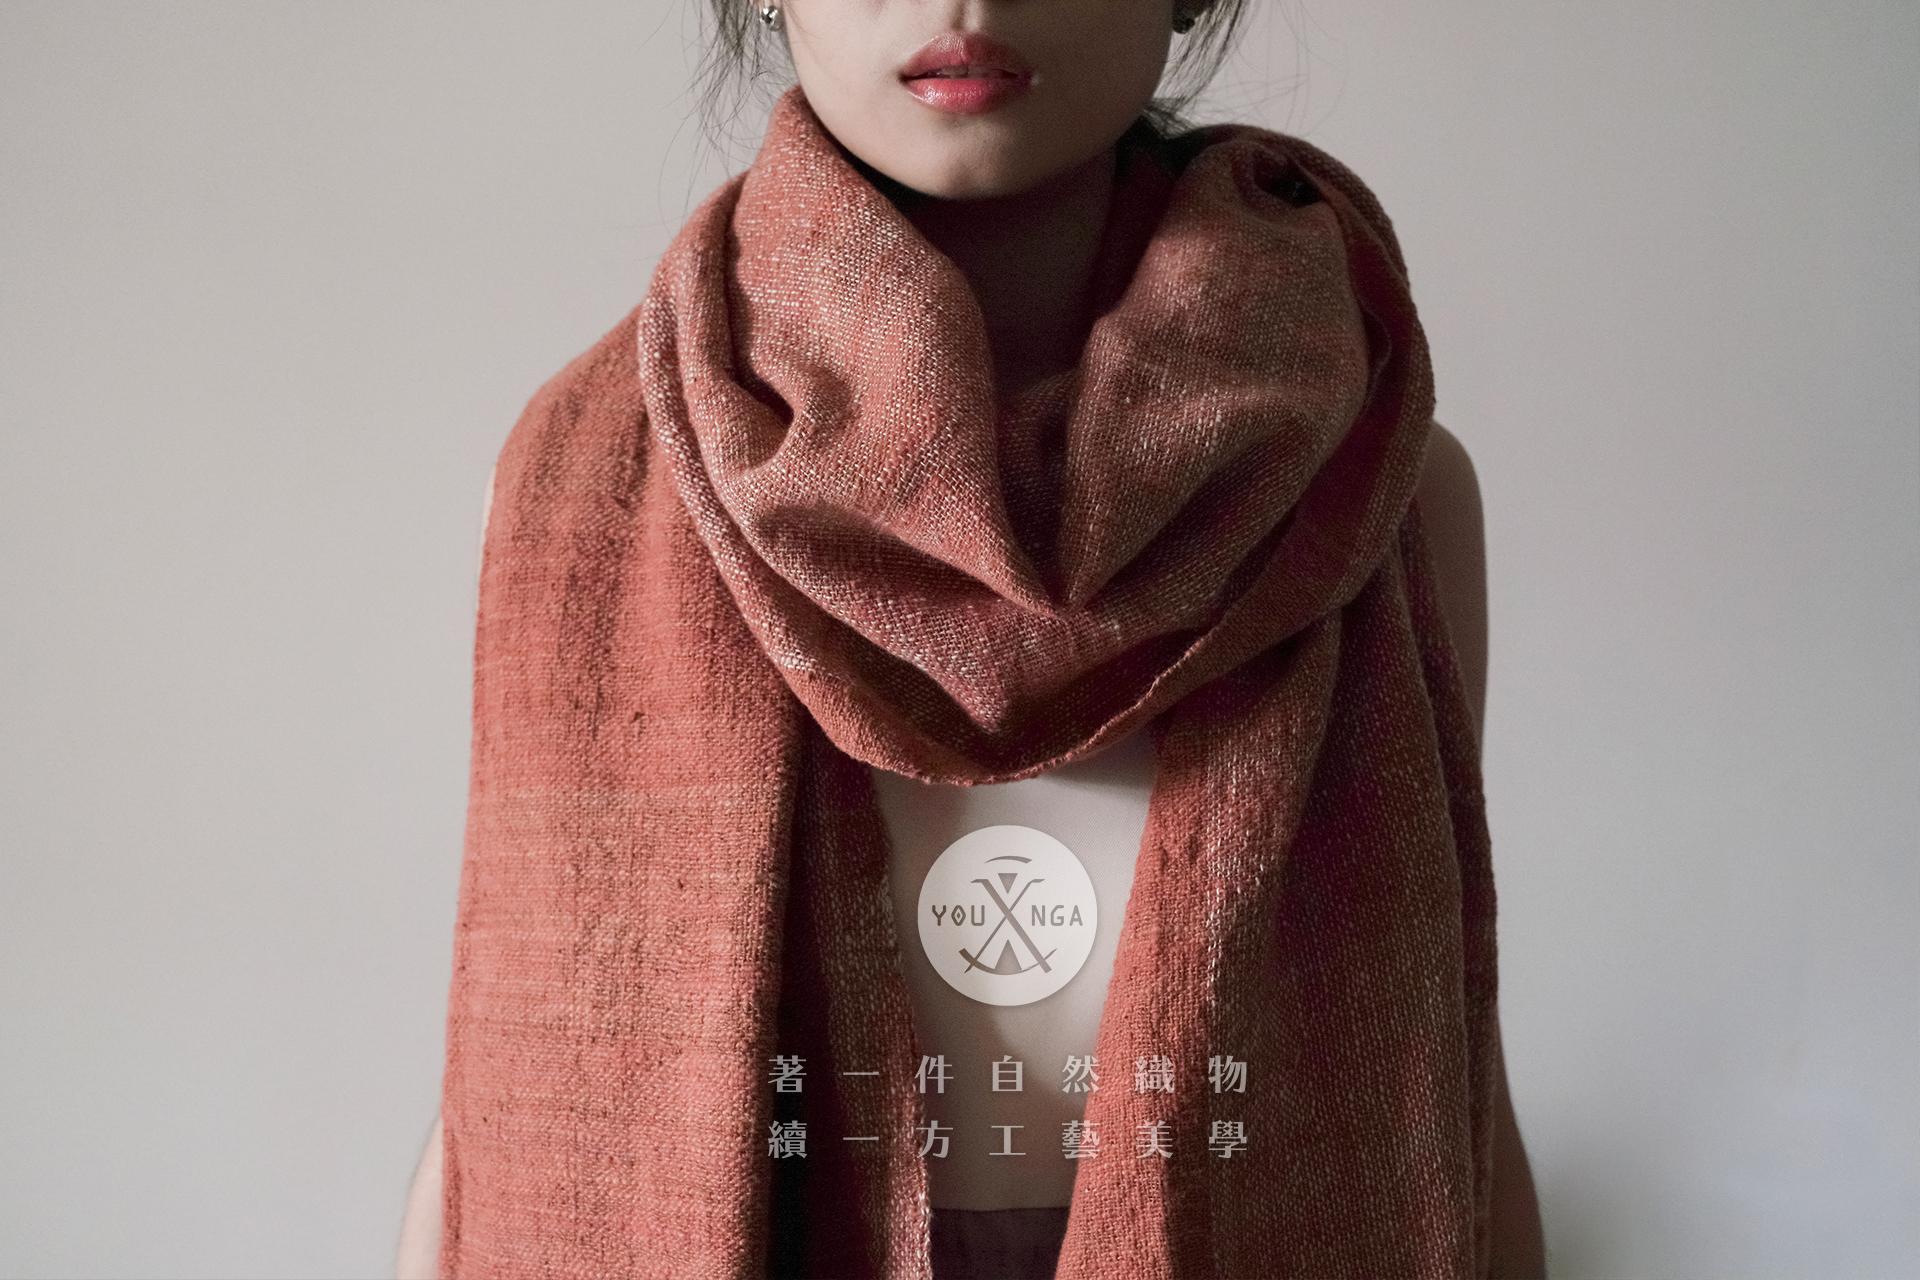 【 Y O U N G A 洋 嘎 】 - ・著一件自然織物,續一方工藝美學・